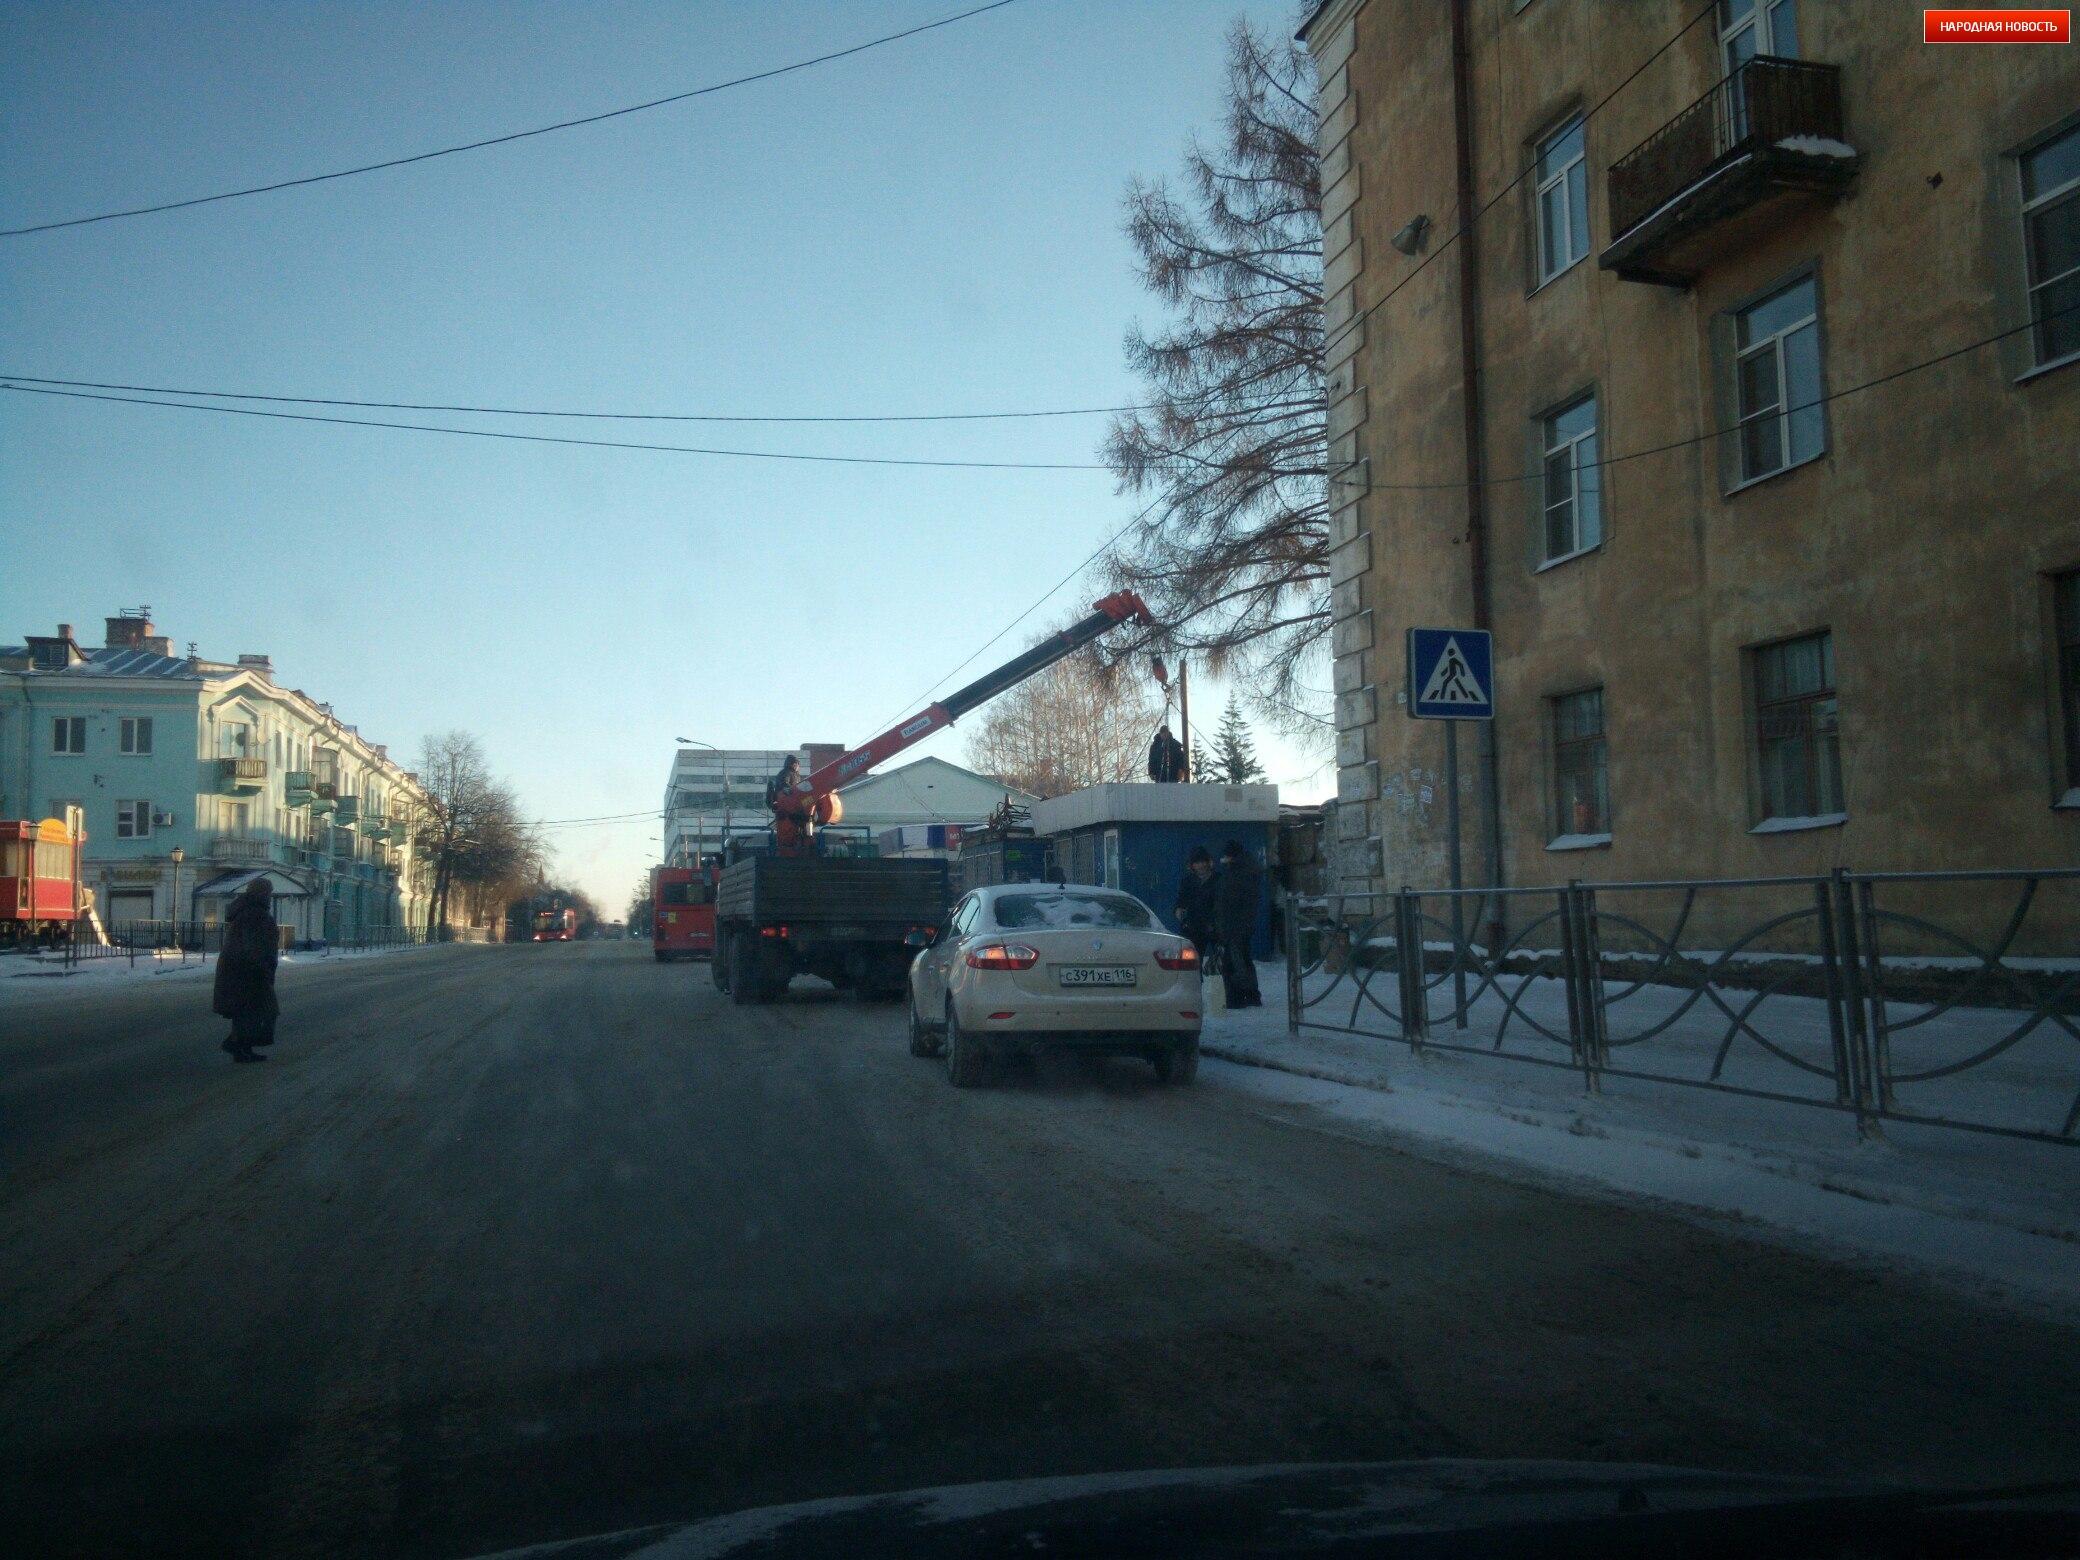 ВКазани снесли 42 нелегально выстроенных торговых павильона